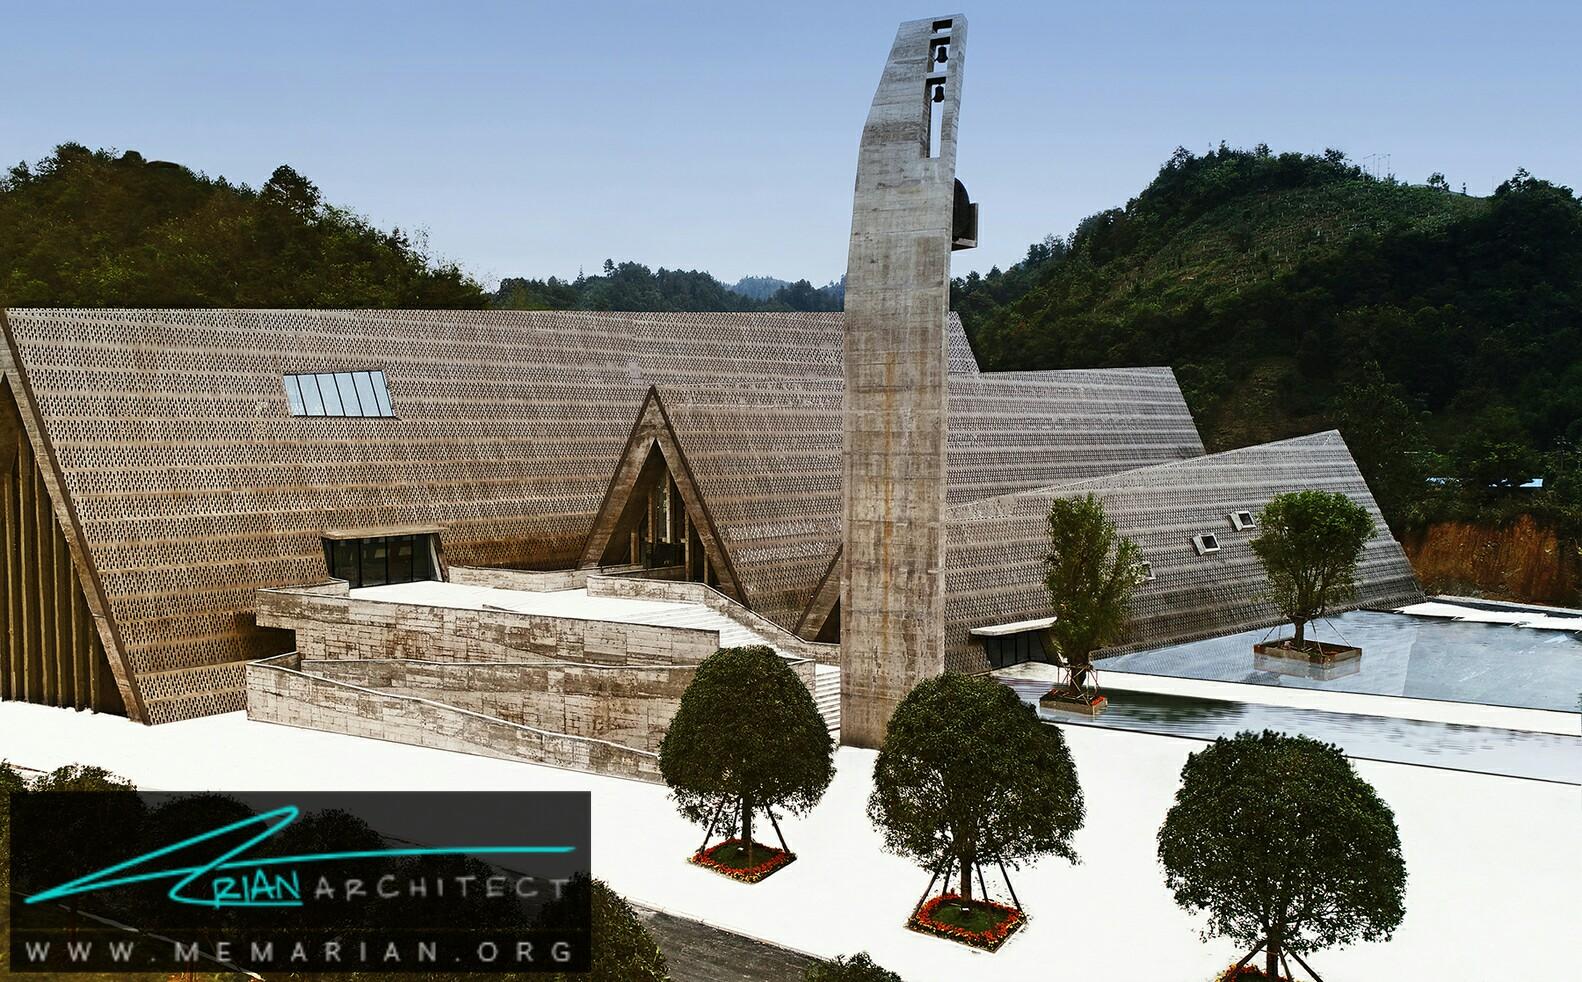 شکل های شگفت انگیز و بافت های بی نظیر: معماری مرکز فرهنگی - سازه بتنی